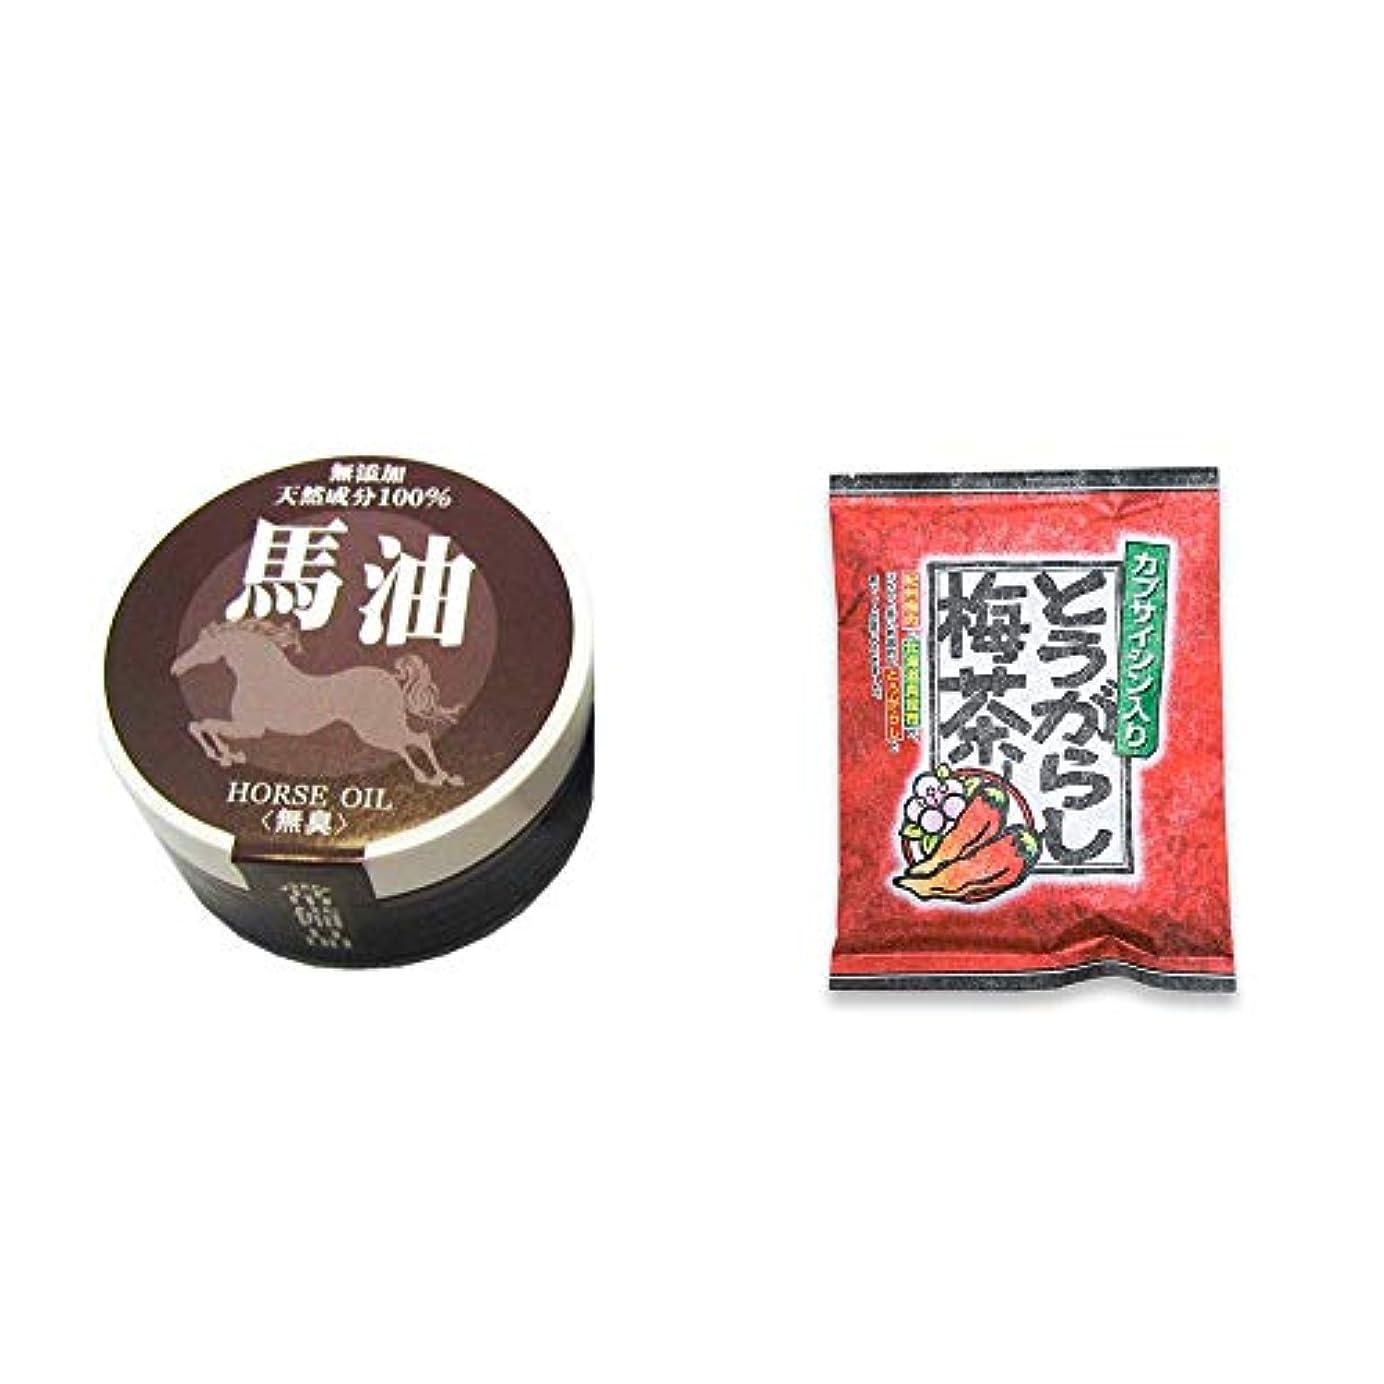 グリップく天の[2点セット] 無添加天然成分100% 馬油[無香料](38g)?とうがらし梅茶(24袋)